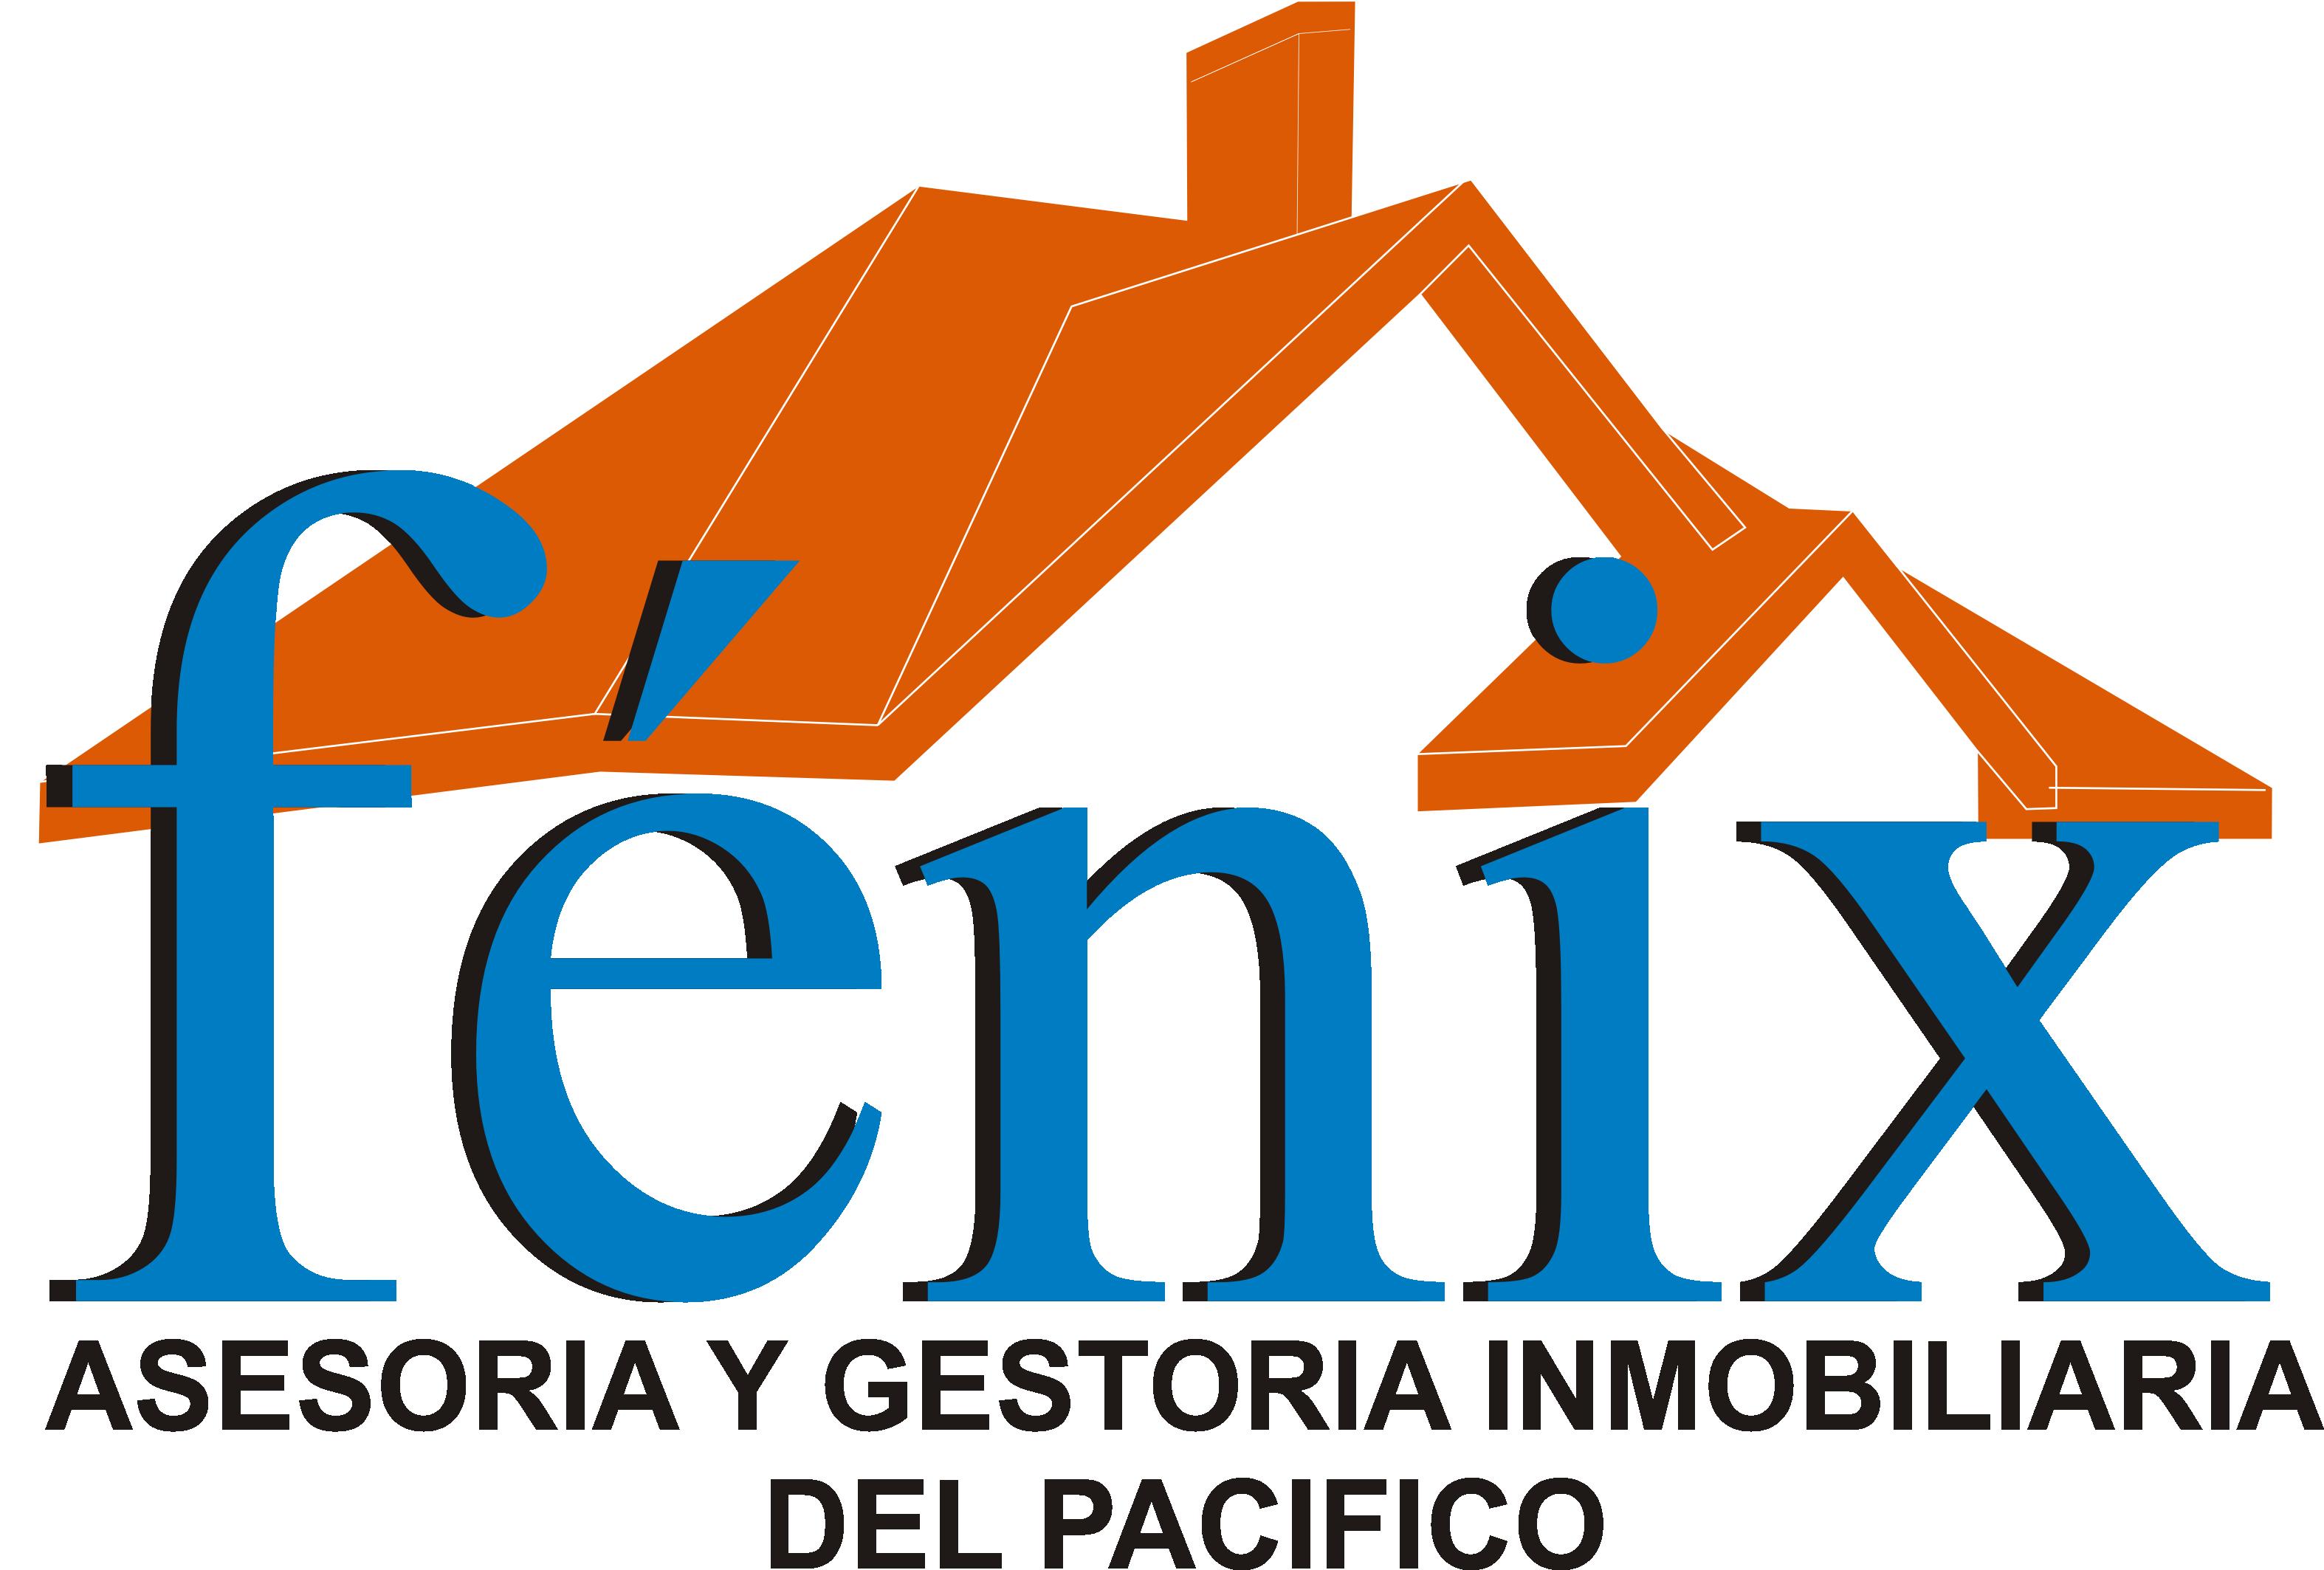 Lomaaltapropiedadescom asesoras inmobiliaria venta html for Inmobiliaria o inmobiliaria